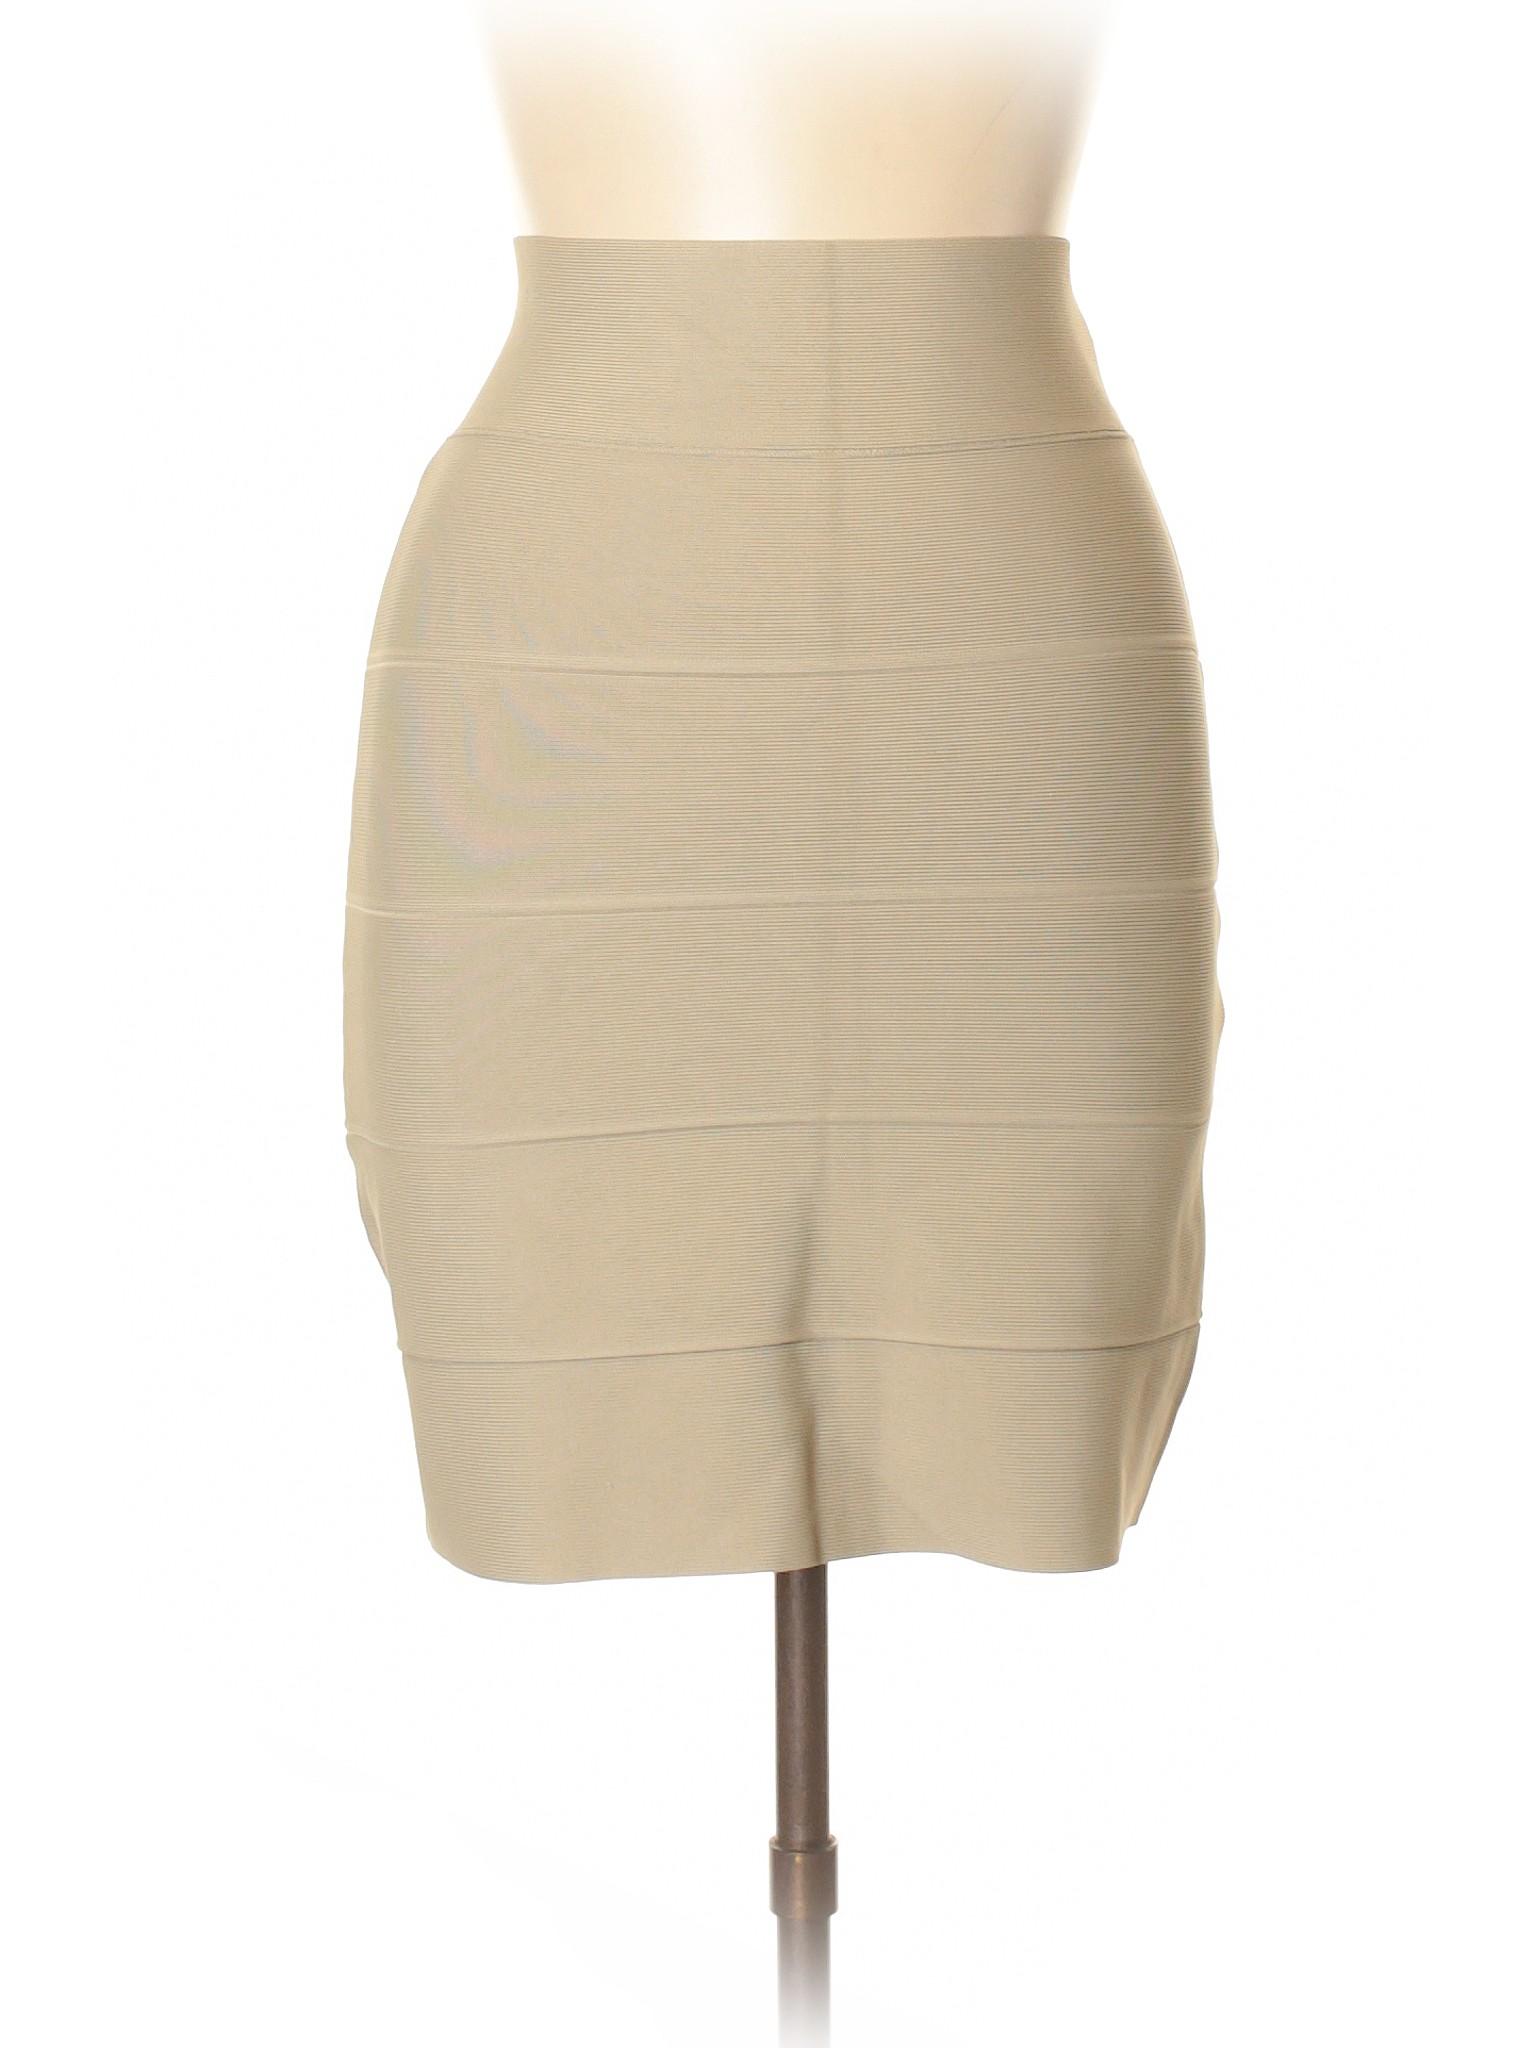 Boutique Skirt Boutique Casual Casual Casual Casual Casual Skirt Boutique Skirt Boutique Boutique Skirt qwpHfOOTB